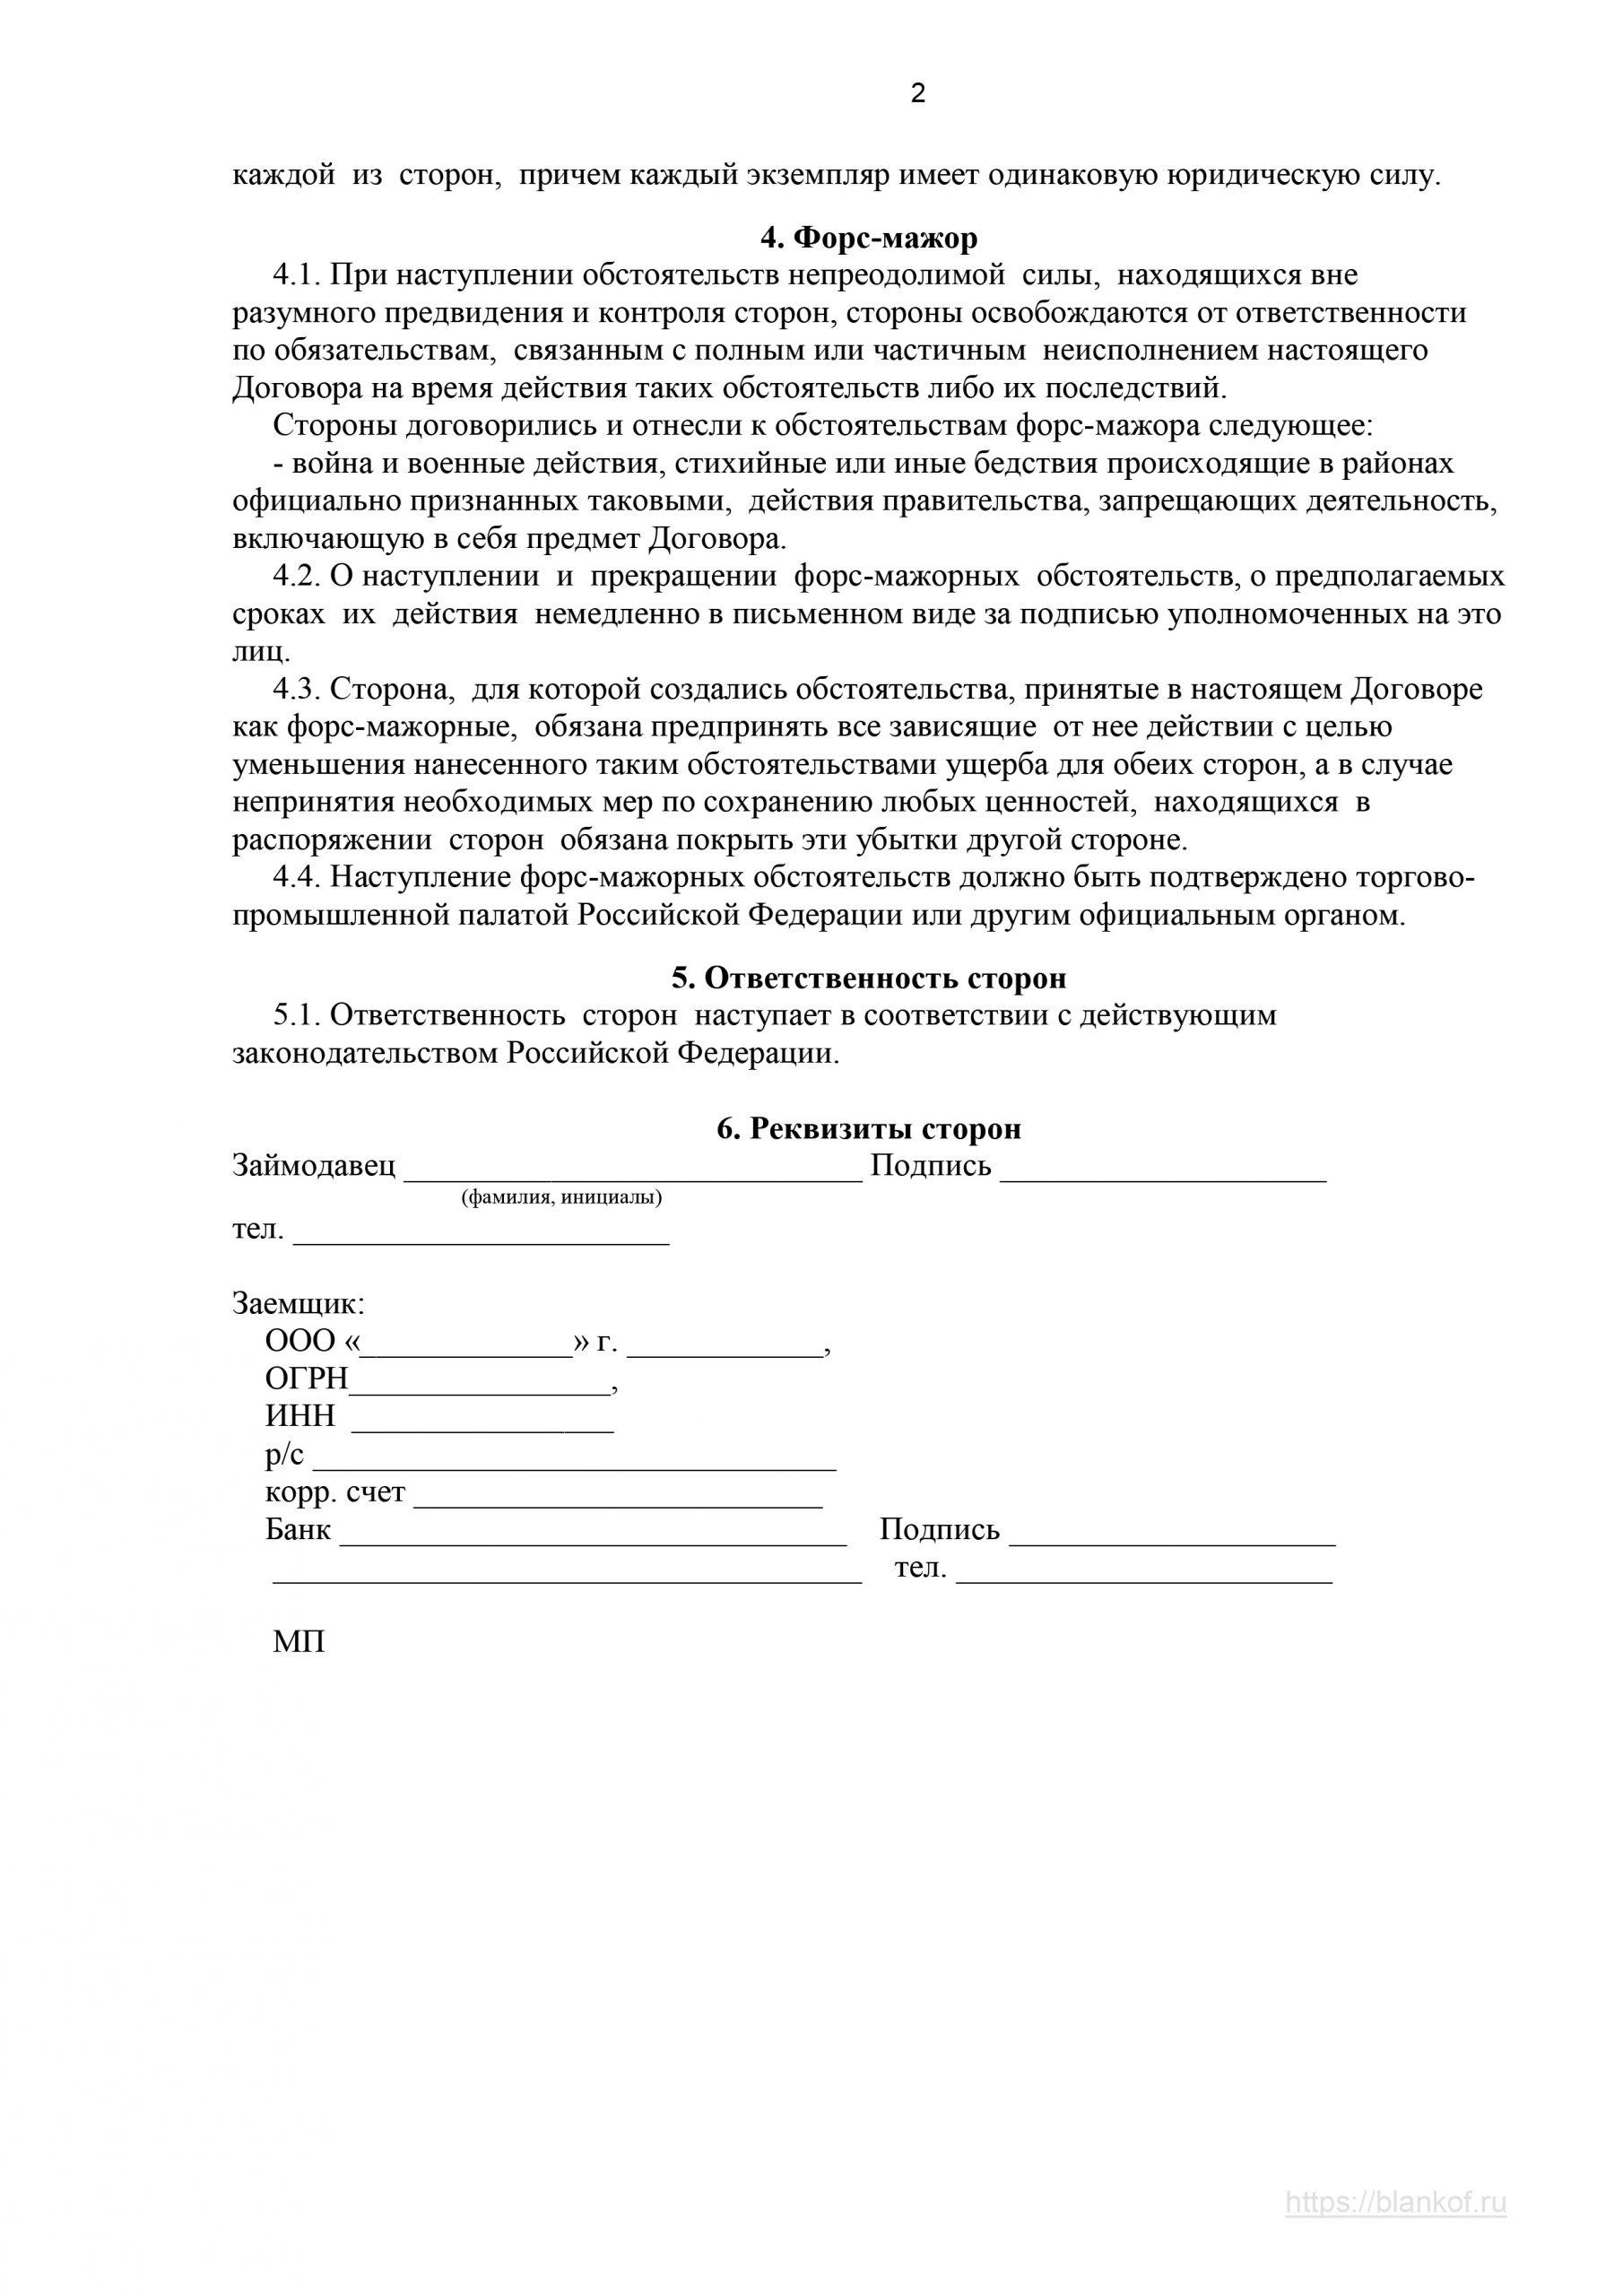 обзор практики по договору займа